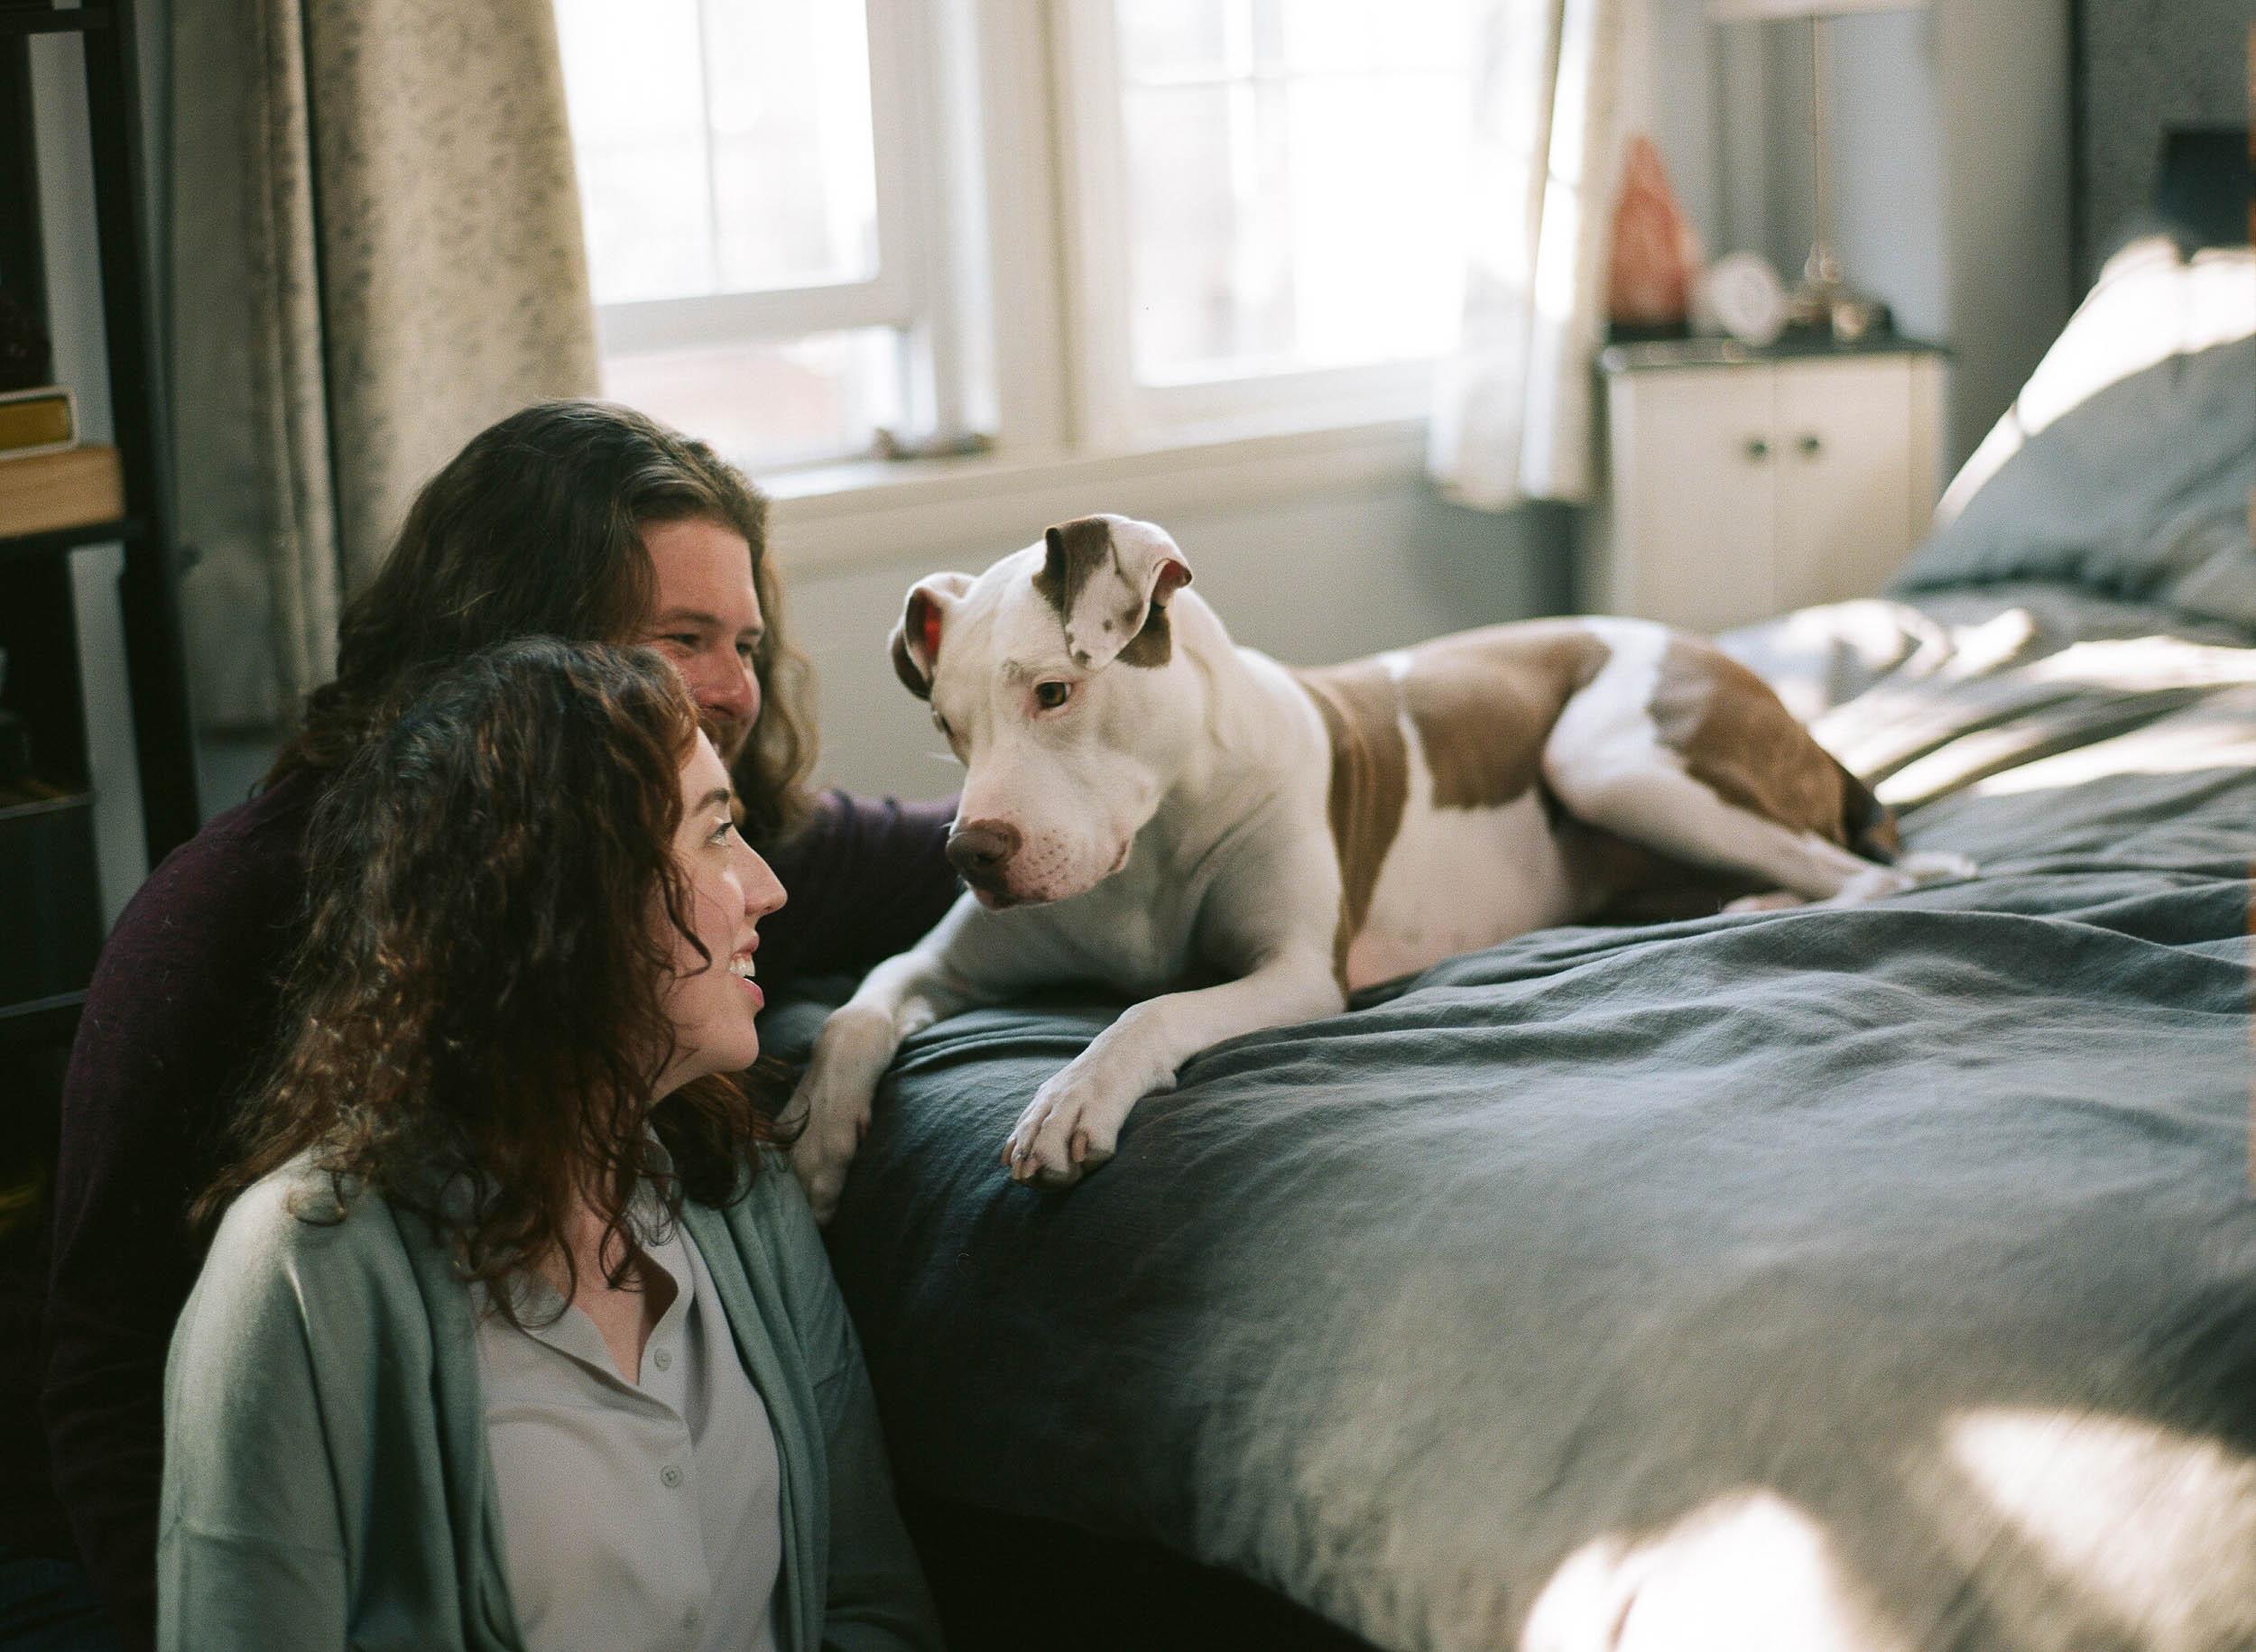 Kristen-Humbert-Family-Photoshoot-Philadelphia_Ruby-James-W-2-42.jpg